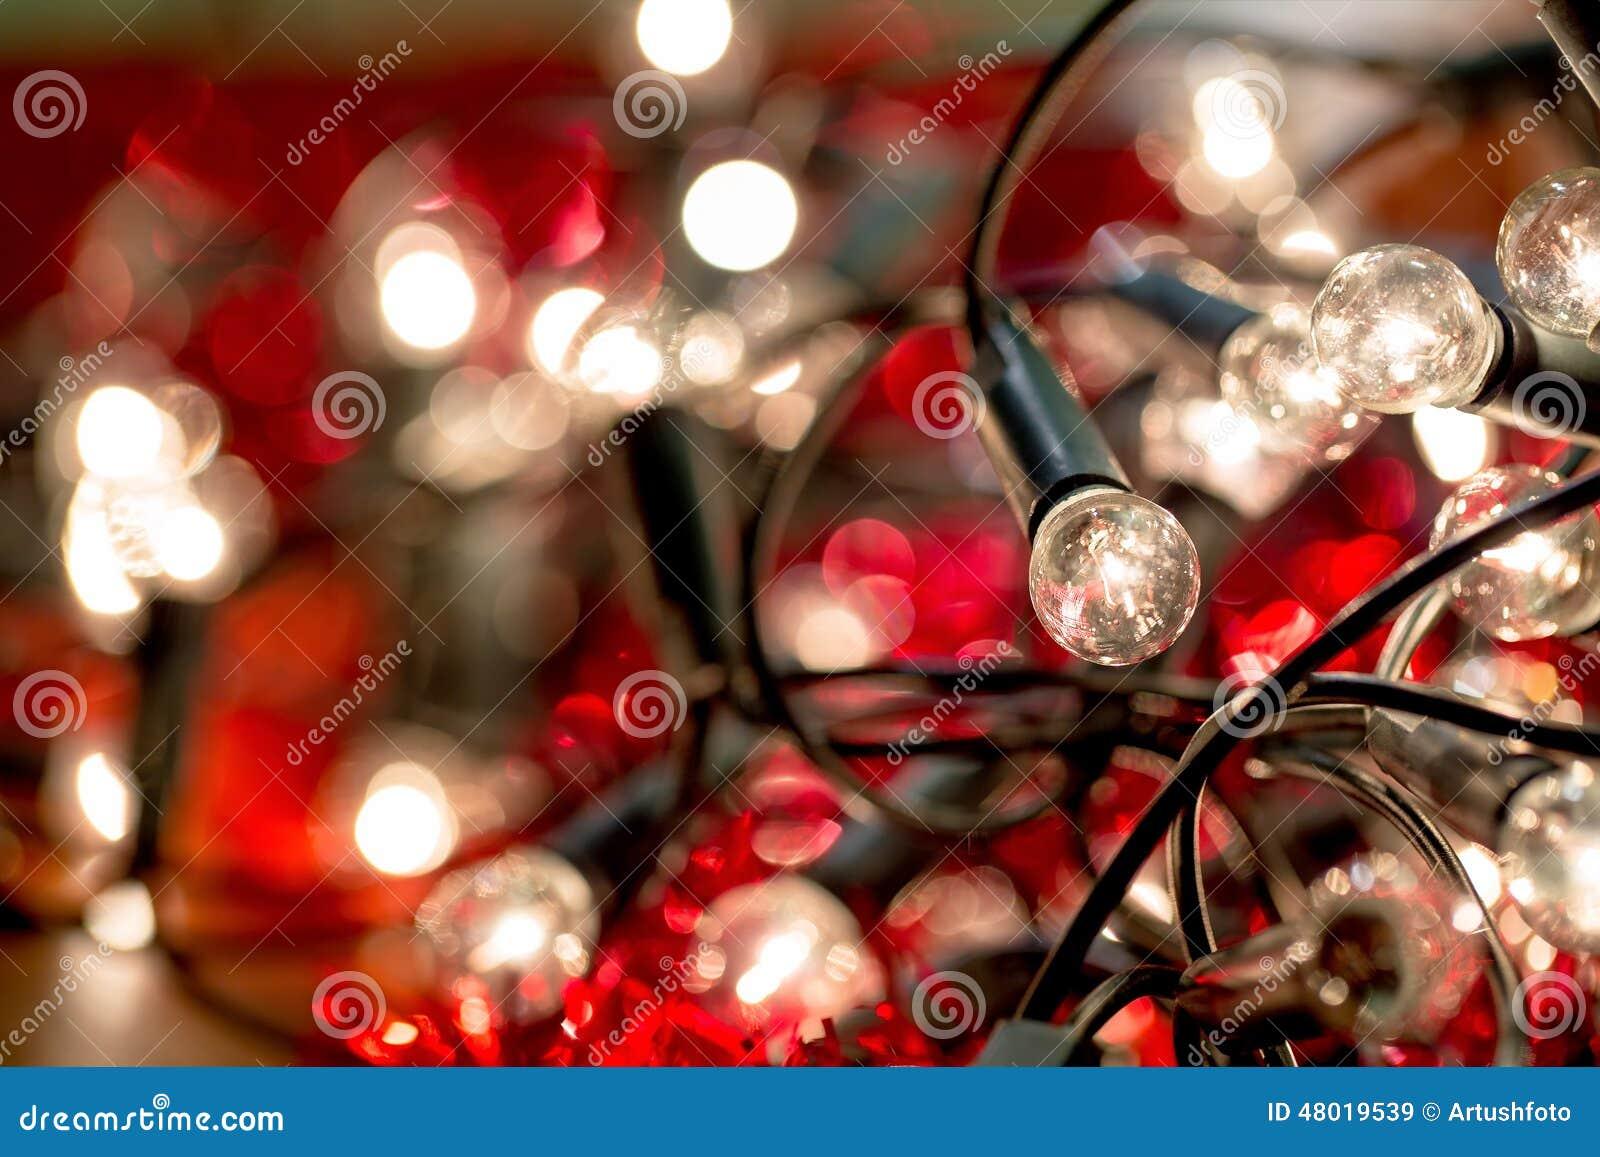 White Christmas Lights Background Stock Photo - Image: 48019539